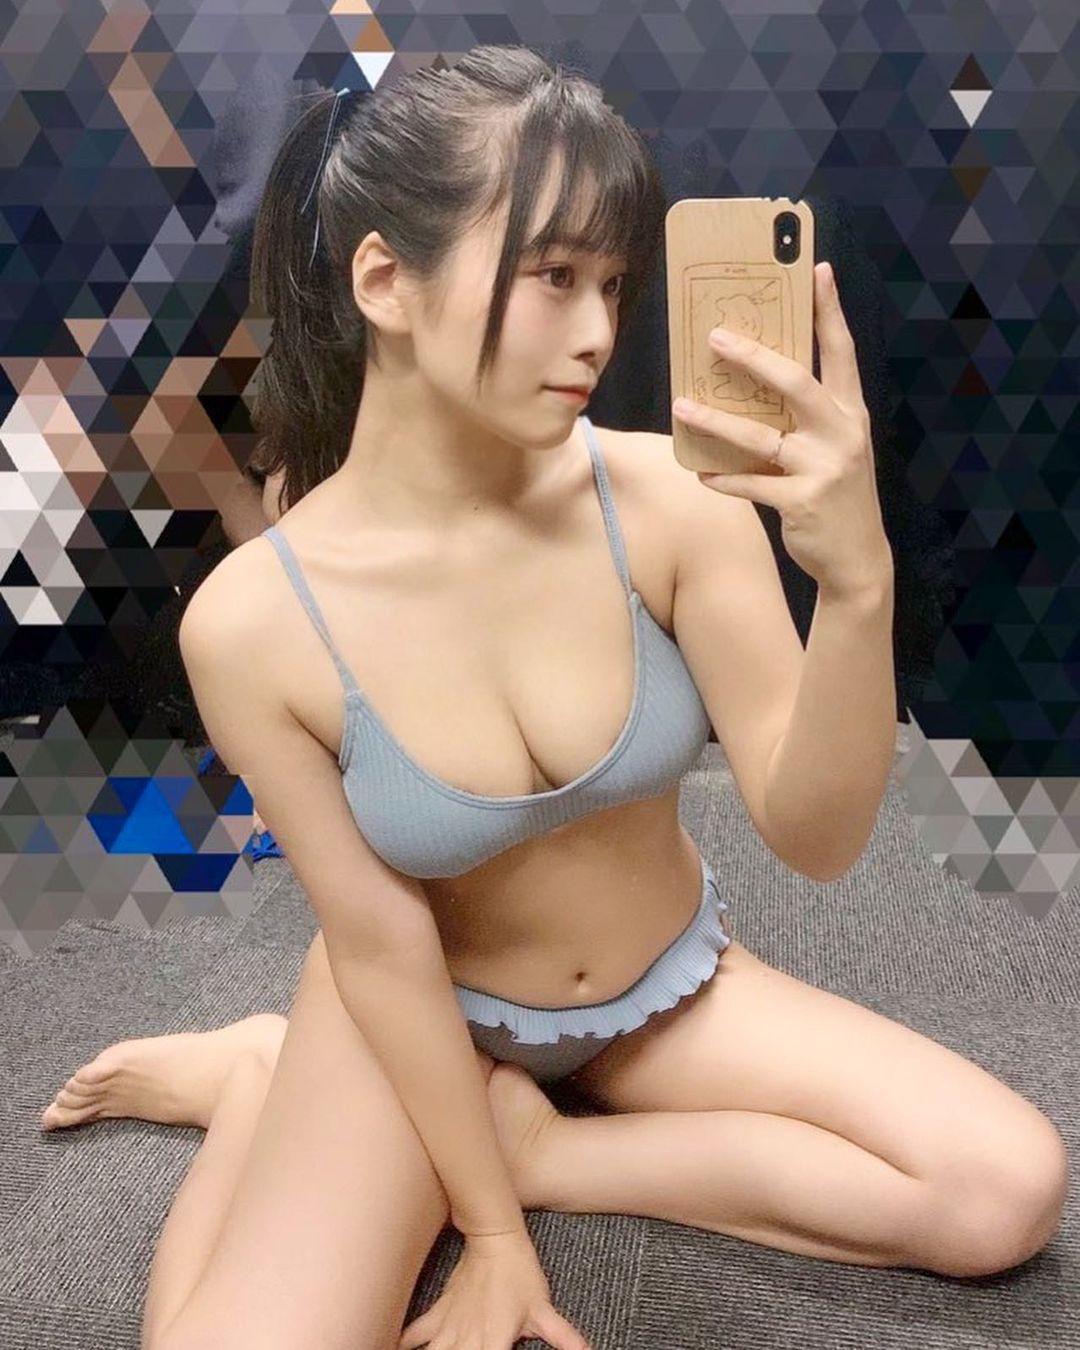 写真妹子@东云うみ(东云海)国宝级写真欣赏 妹子图 热图2